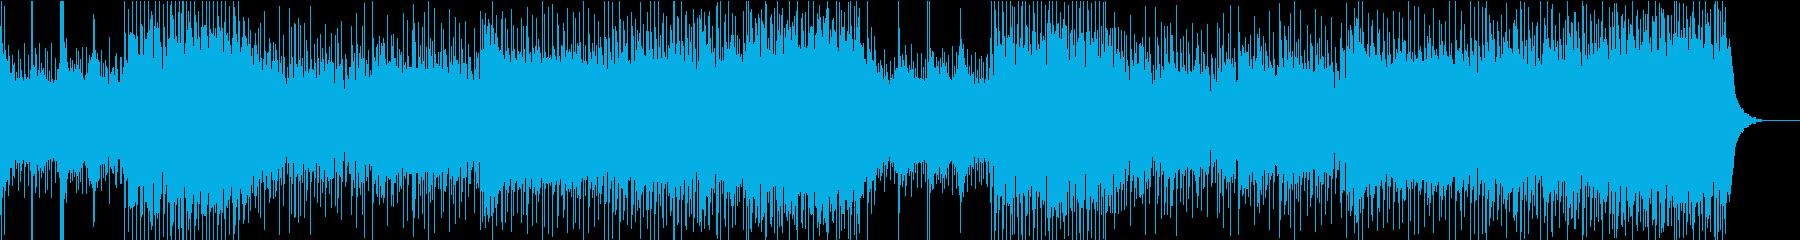 お祭りっぽい津軽三味線ロックの再生済みの波形